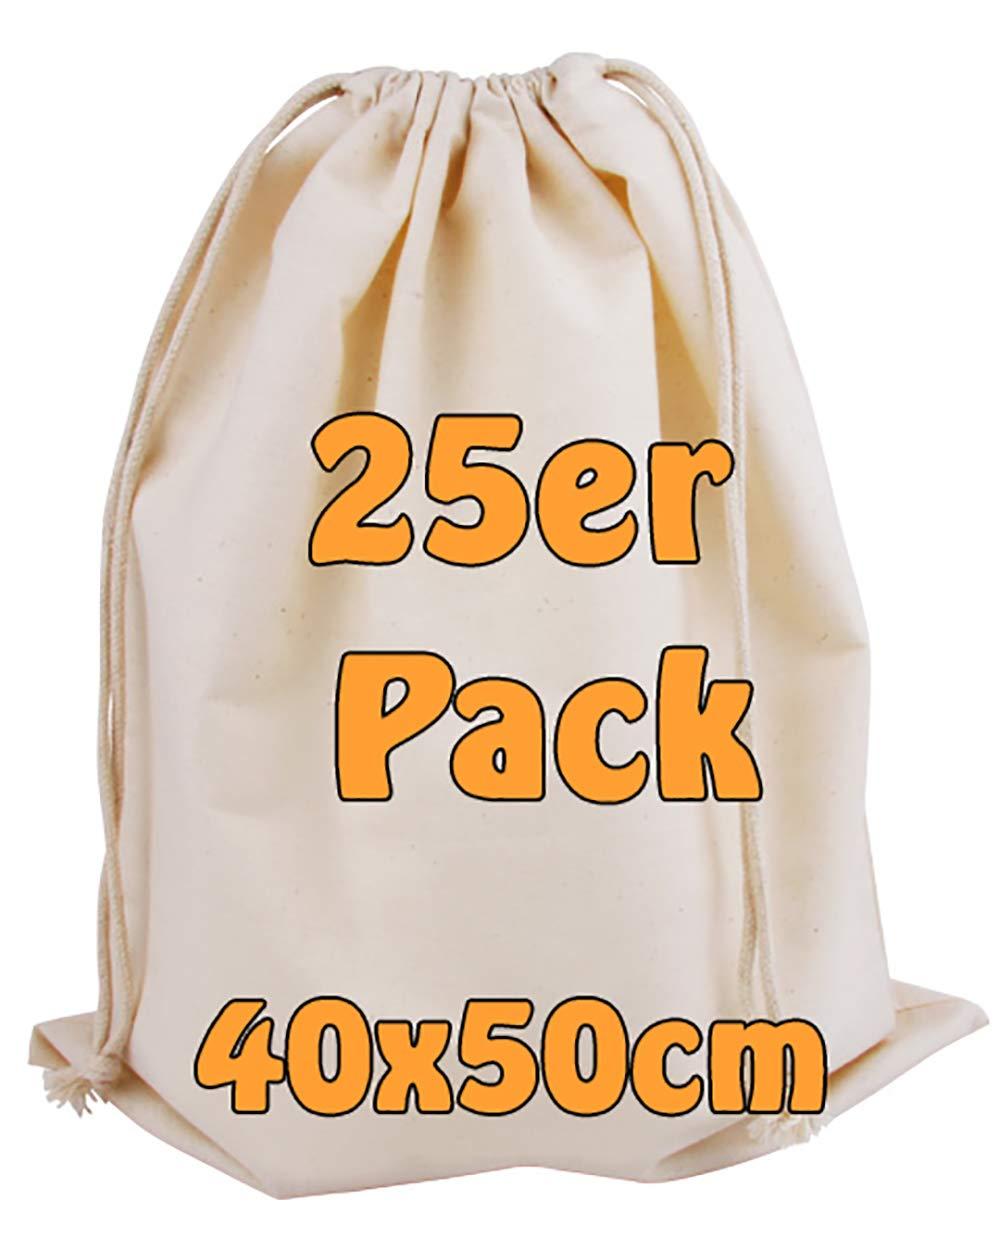 Cottonbagjoe Bolsa de algodón, Bolsa de Tela Grande, Zero Waste con cordón, para guardarla, para Pintar, Bolsa de Deporte de 40 x 50 cm, 100% algodón, Naturaleza, 25 Unidades: Amazon.es: Hogar